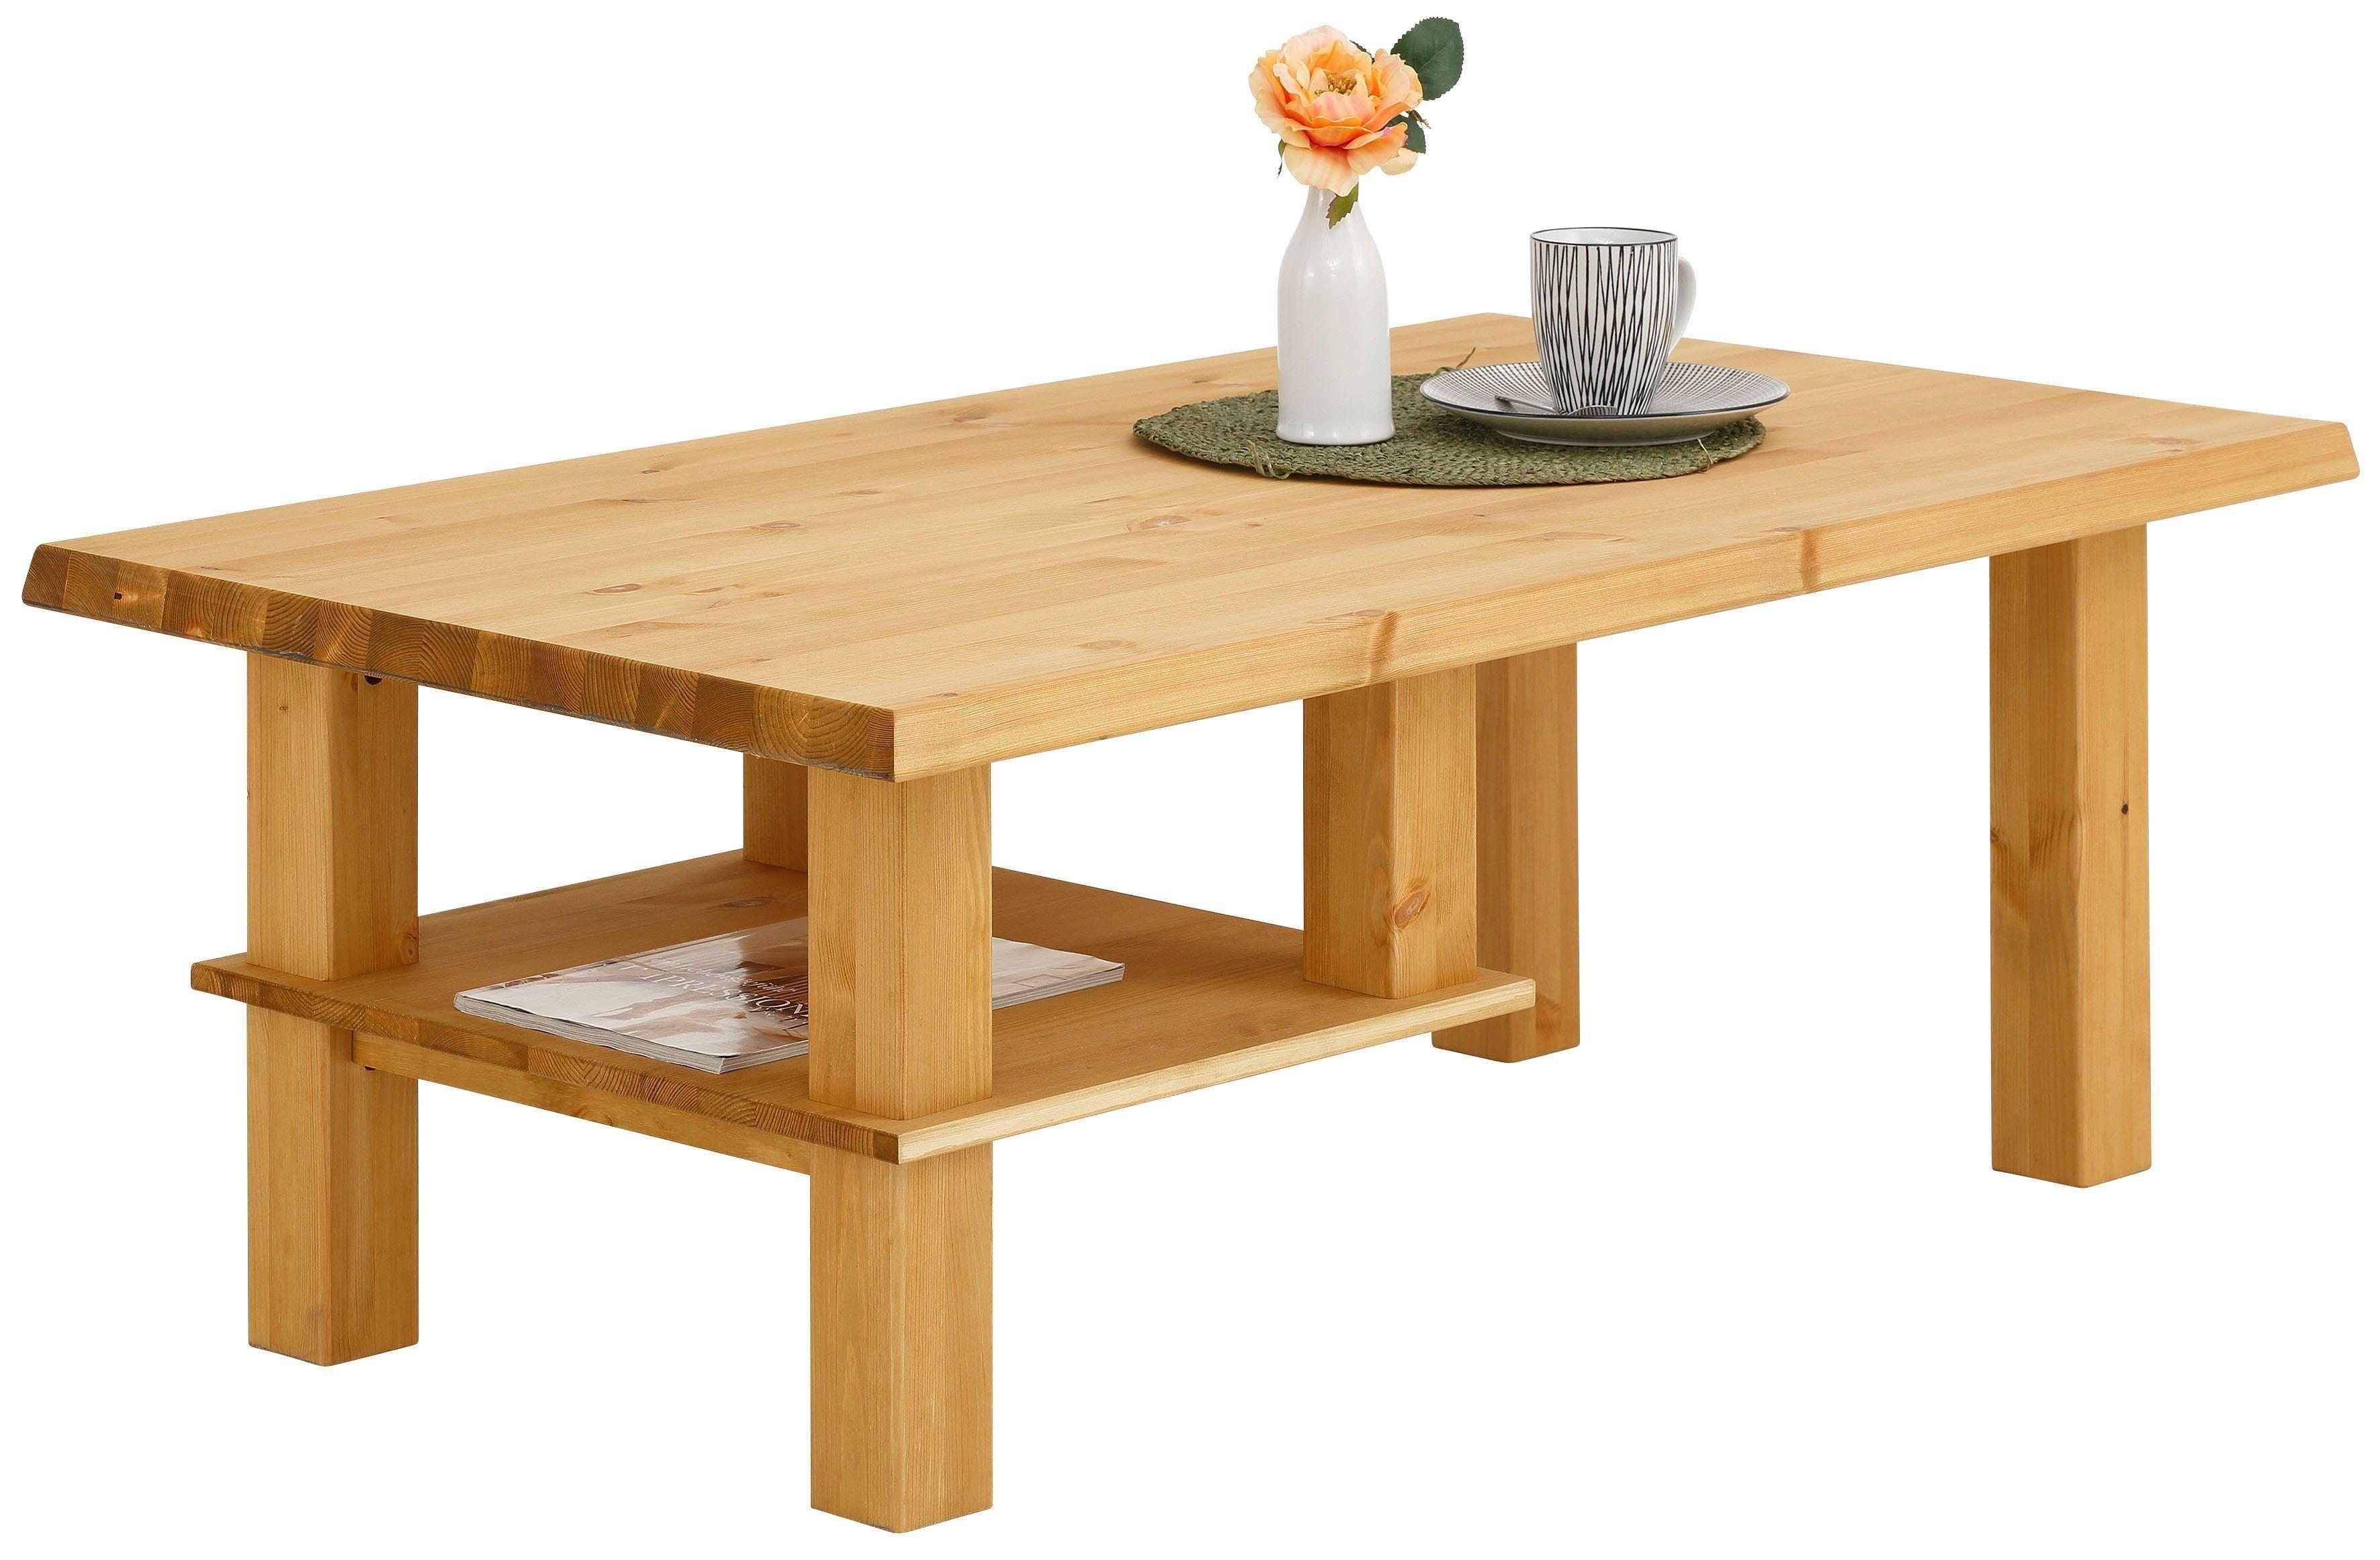 Couchtisch Online Bestellen Designermobel Beistelltisch Couchtisch Case Weiss Mit Schublade Couchti Couchtisch Couchtisch Echtholz Couchtisch Holz Massiv